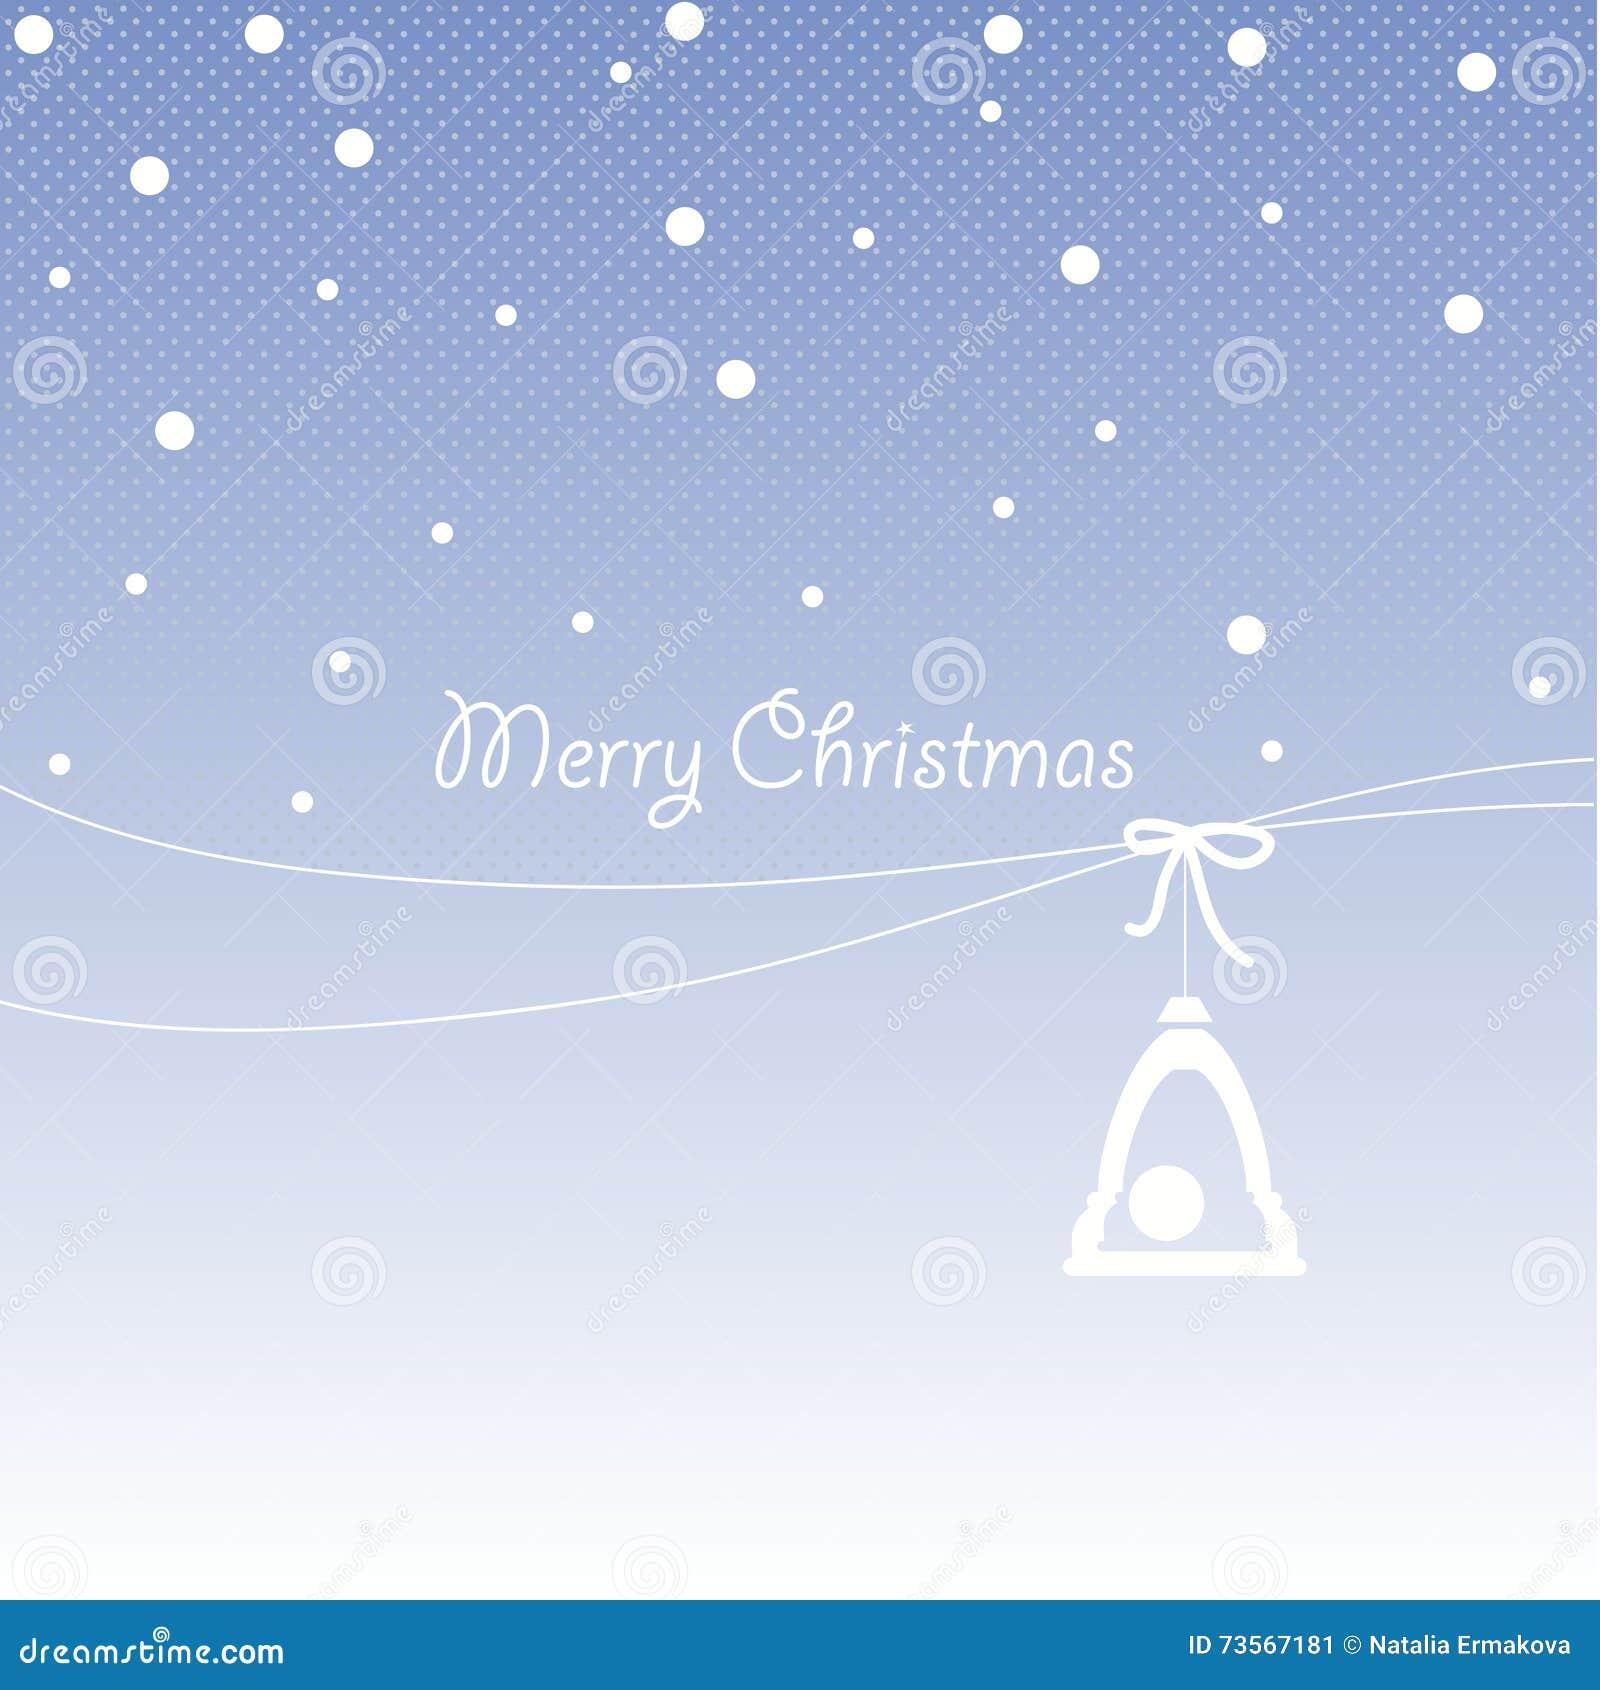 Conception de couverture pour des cartes de voeux de Noël